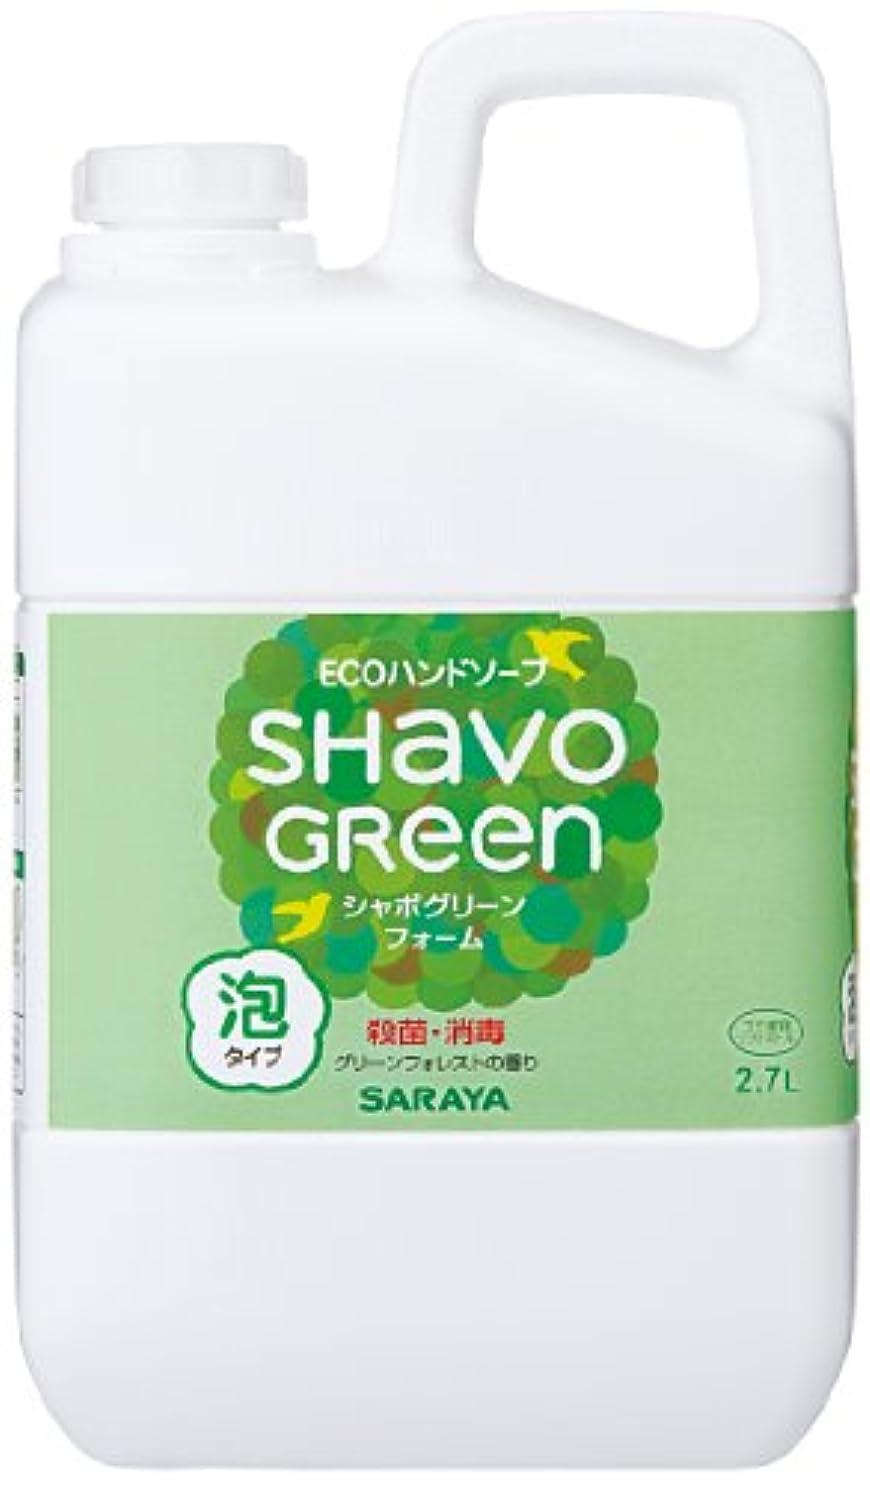 シチリア法的許容できるサラヤ シャボグリーン フォーム 詰替用 2.7L